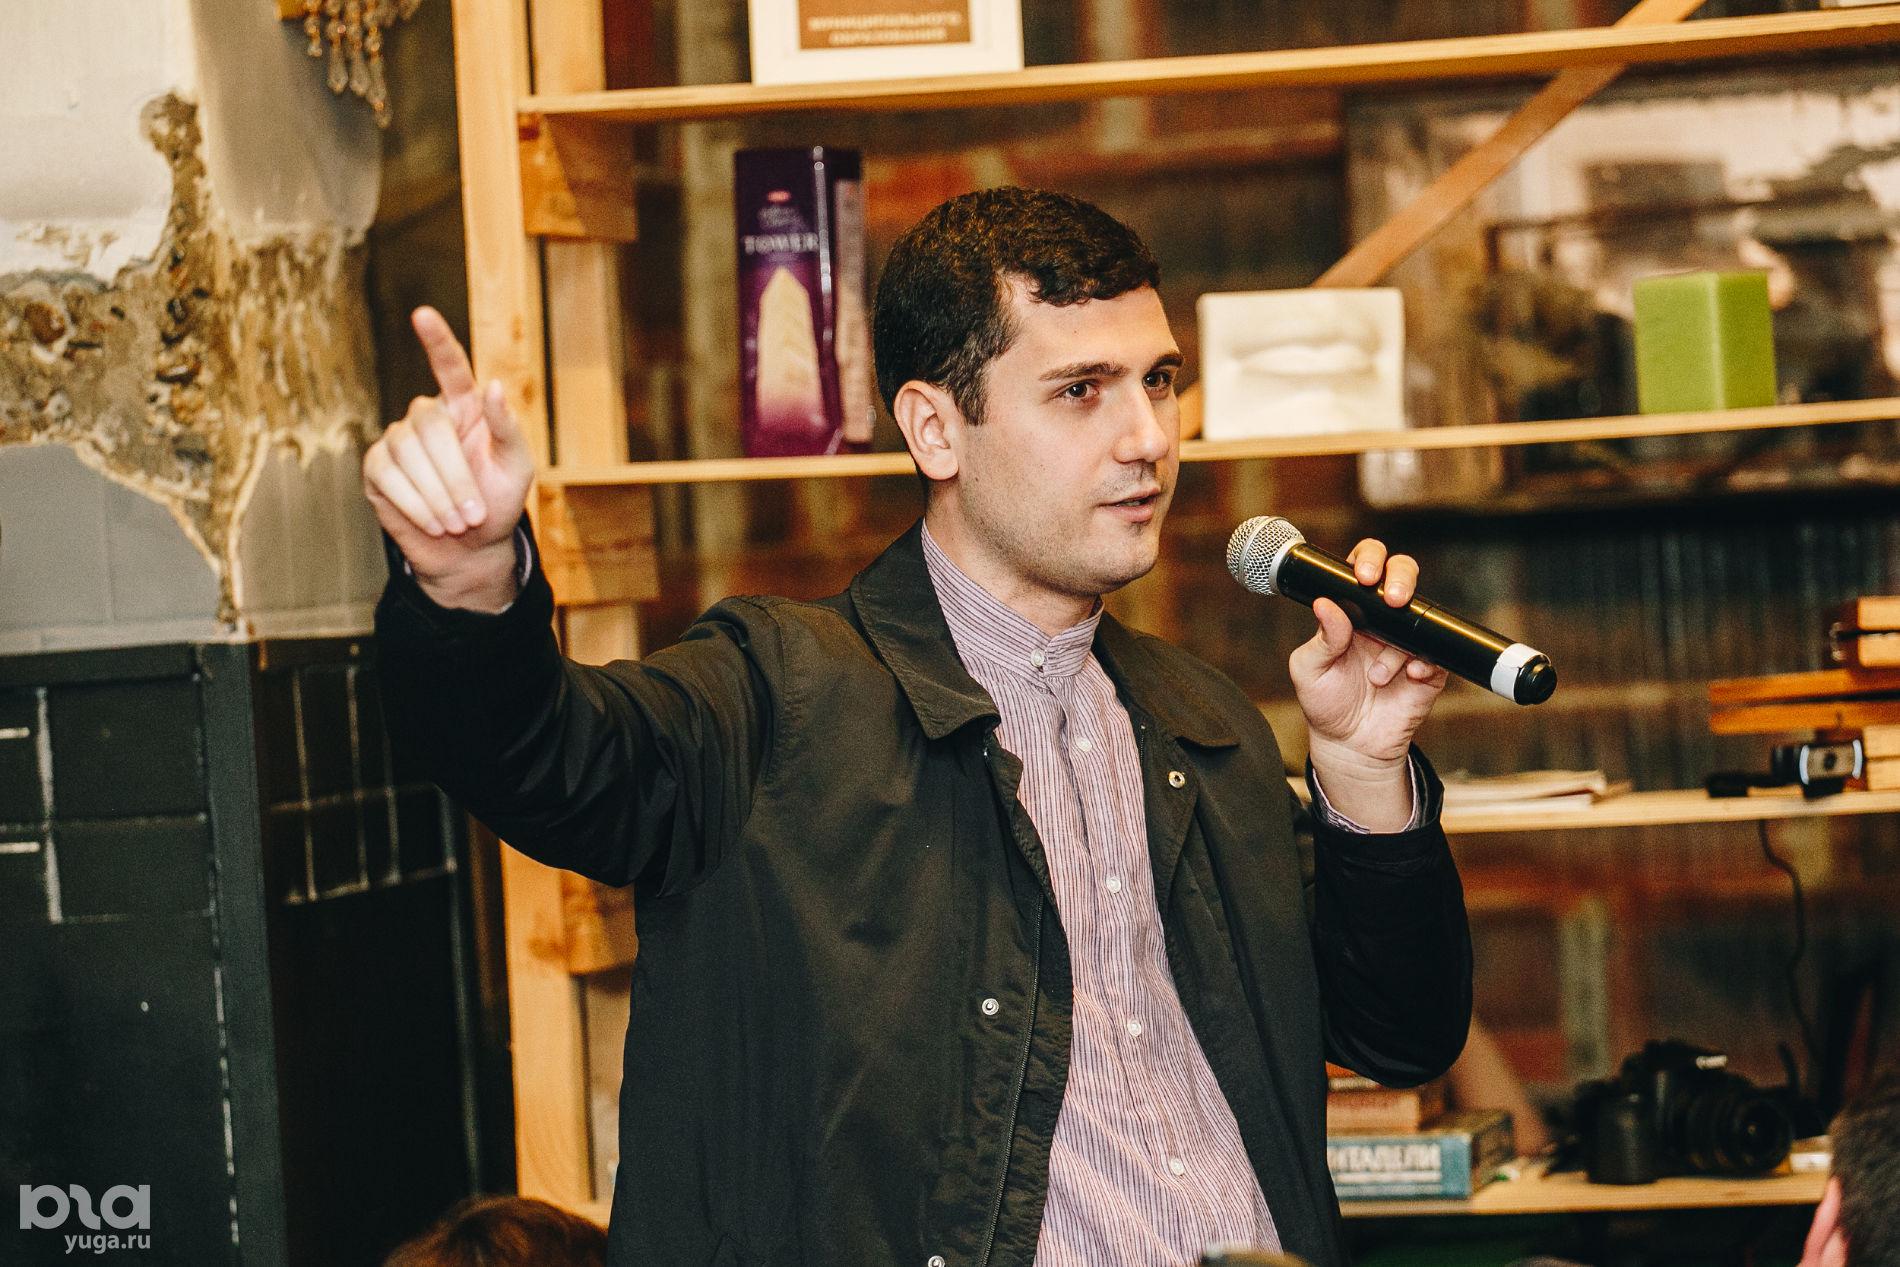 Давид Канкия. Дебаты штаба Навального со «Штабом народного единства» в Краснодаре ©Фото Дениса Яковлева, Юга.ру